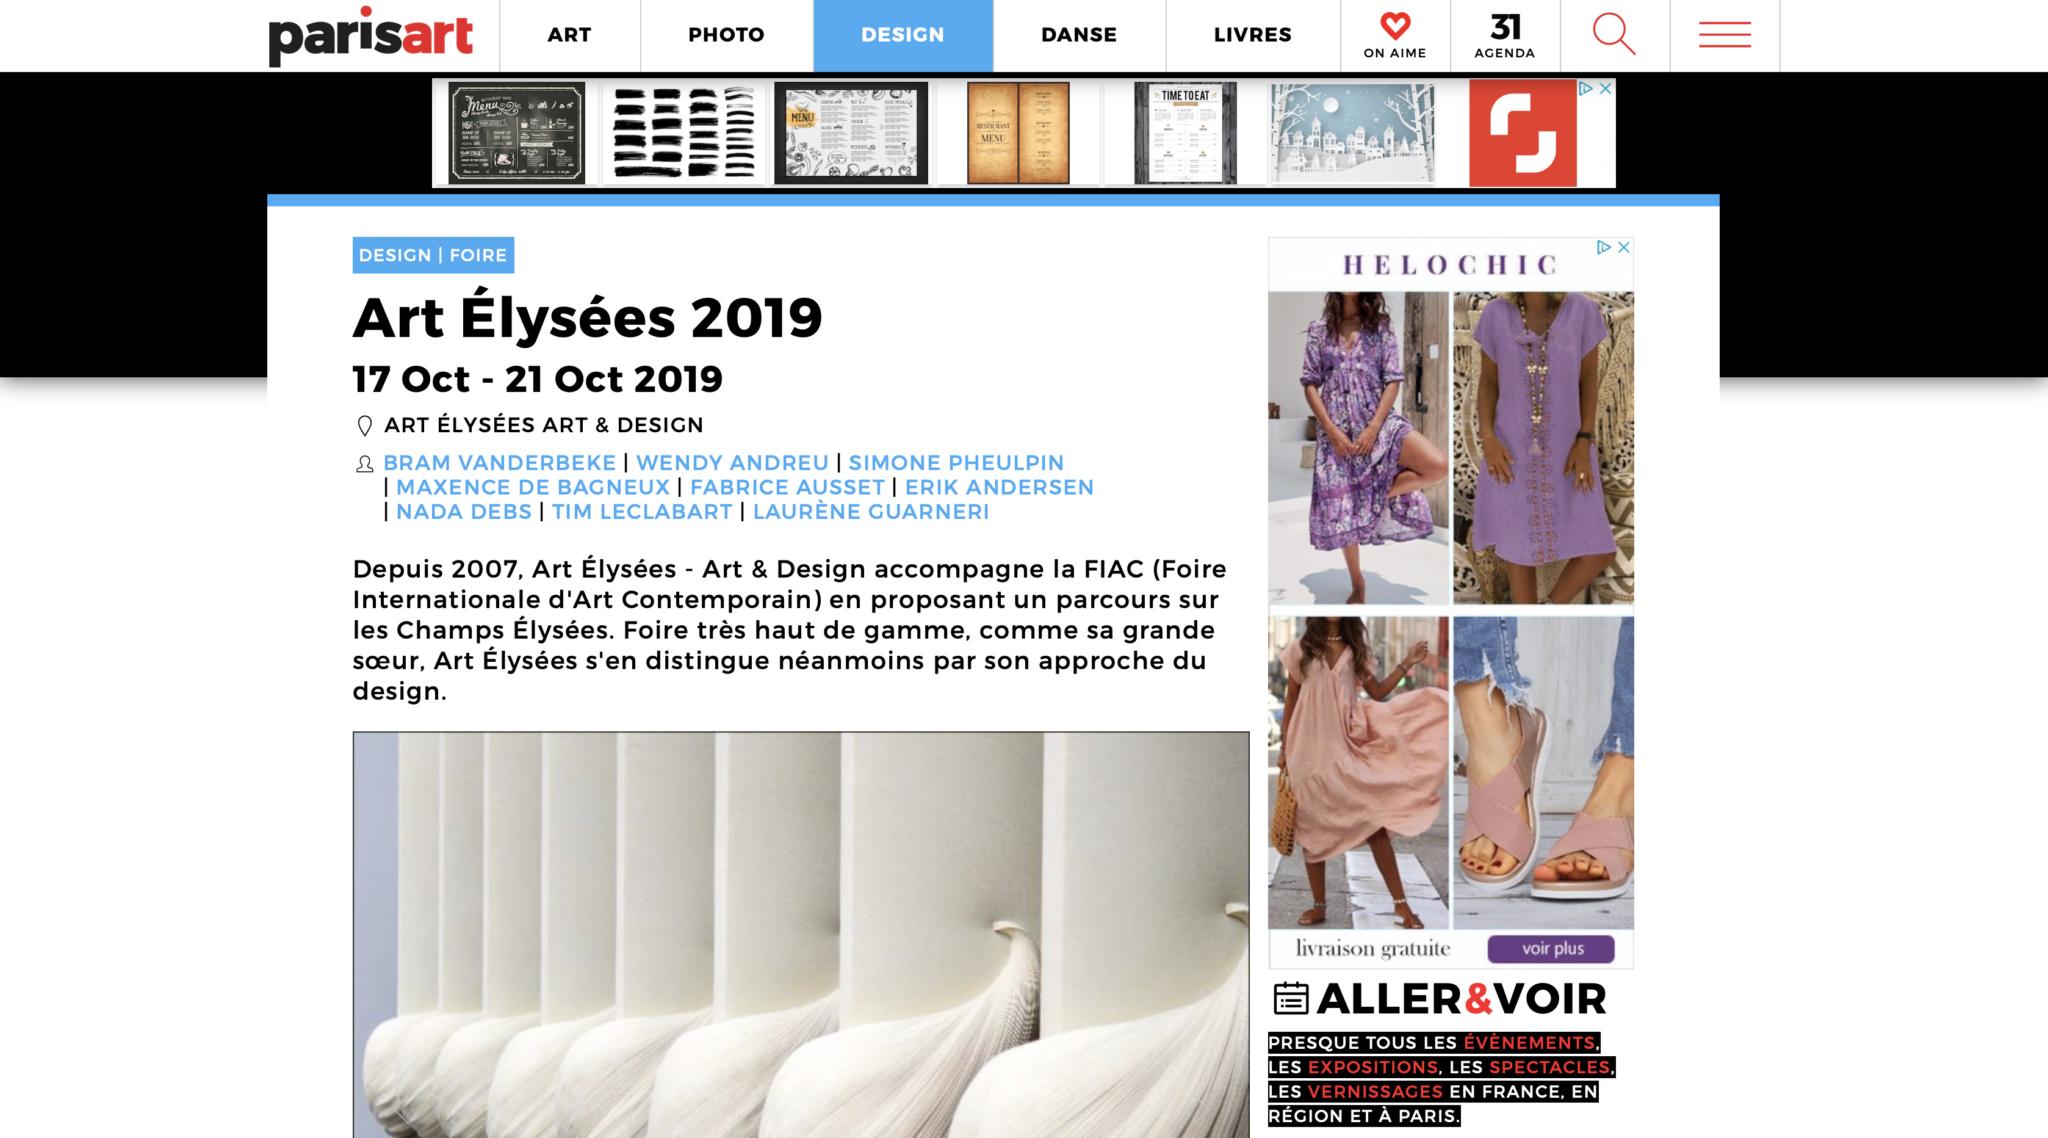 ParisArt, Art Elysées - Art & Design 2019, Huskdesignblog